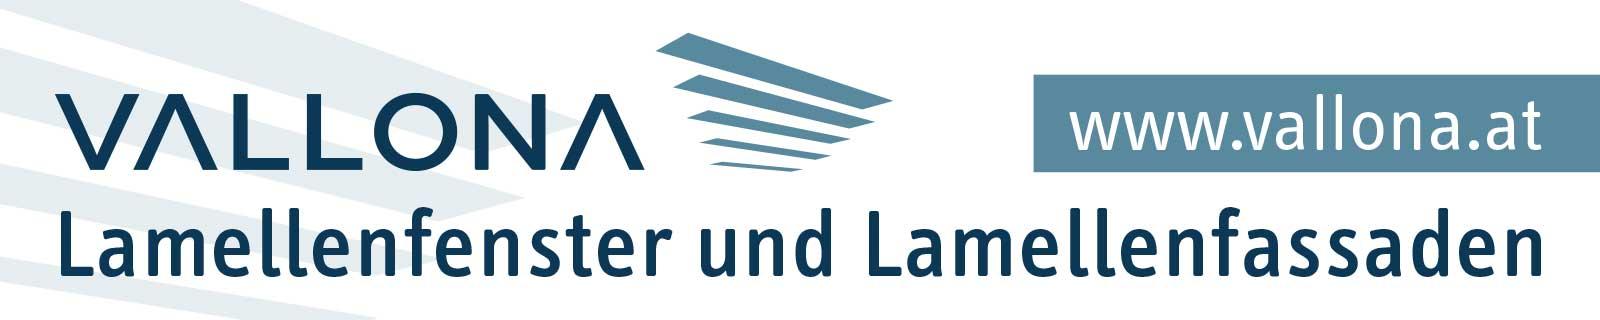 Vallona Lamellenfenster und Lamellenfassaden: Banner für Websites